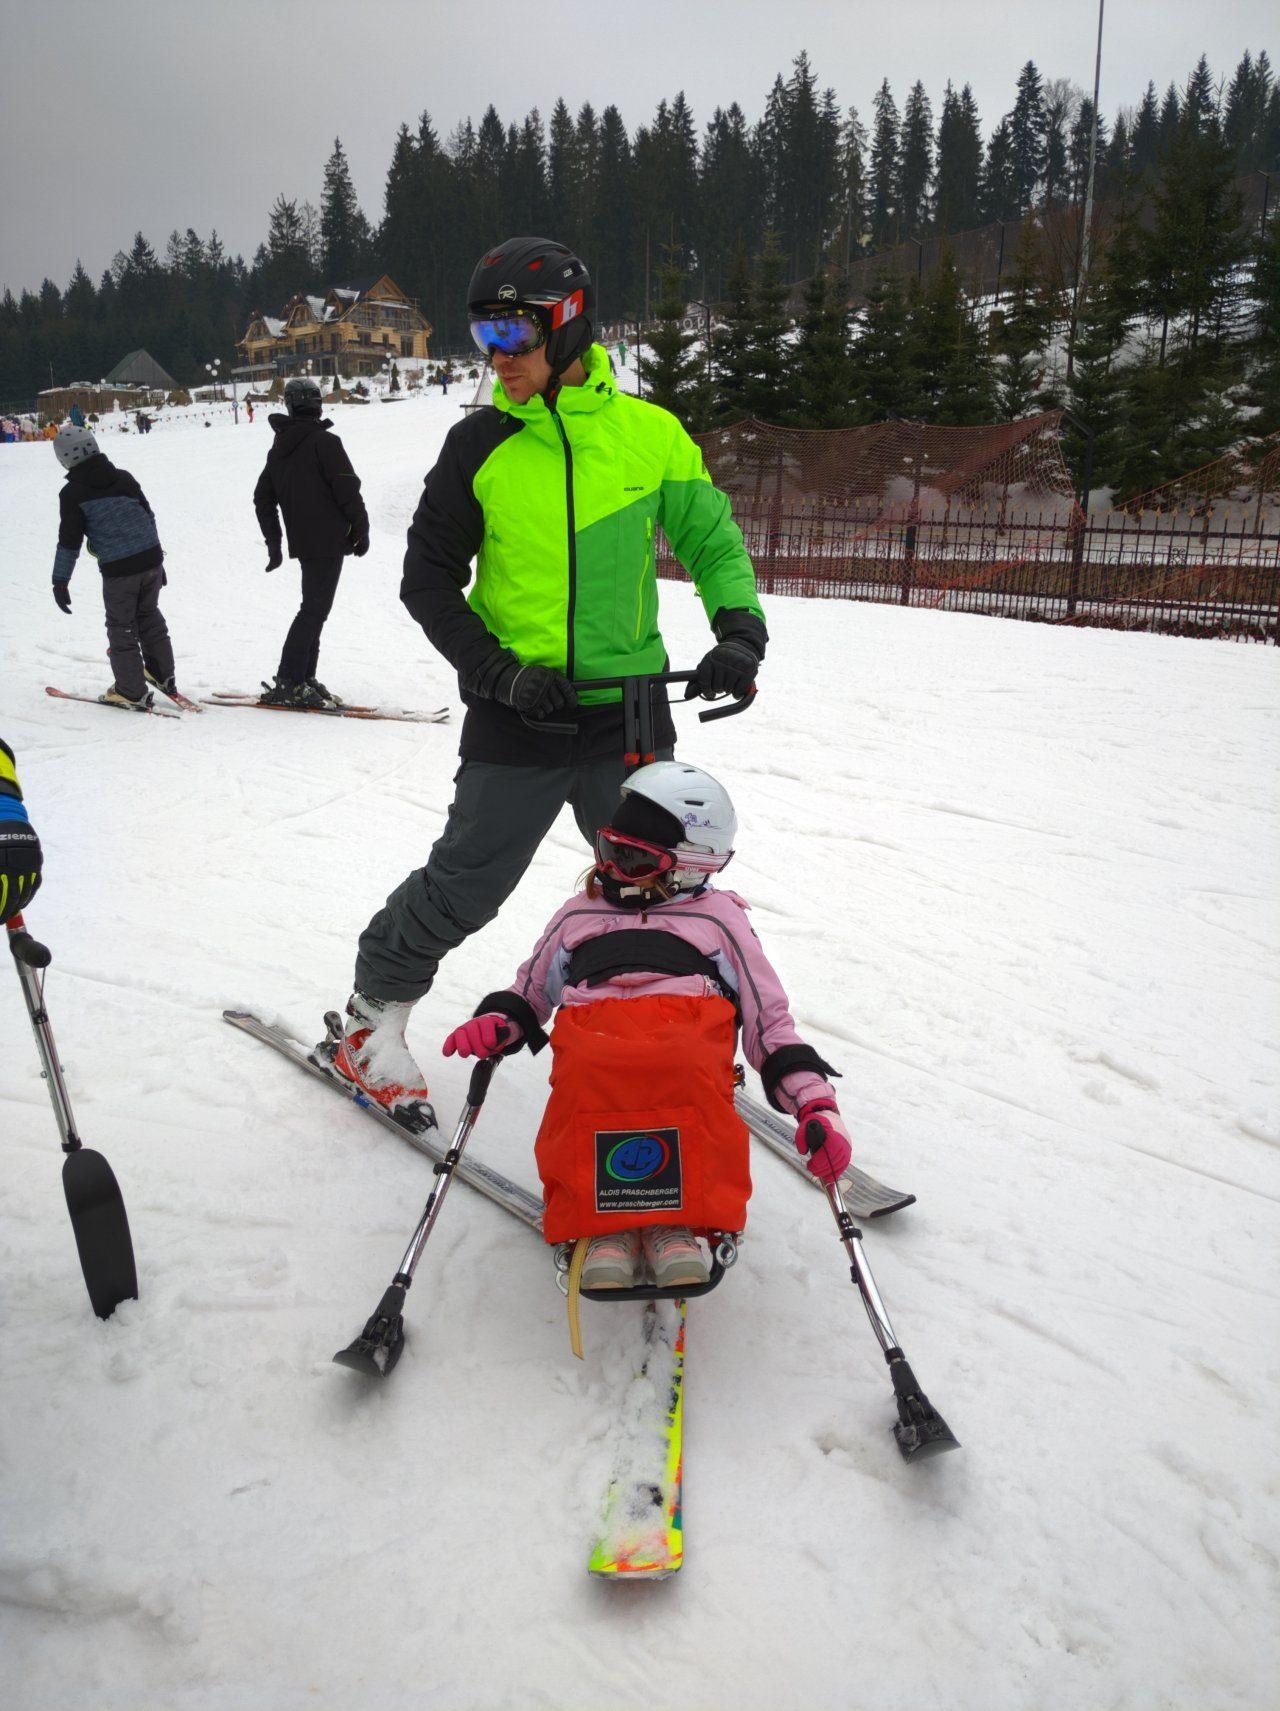 Śnieg + Adrenalina Junior - Wisła 2020 Styczeń - Narciarstwo zjazdowe osób niepełnosprawnych - Fundacja Aktywni Bez Barier